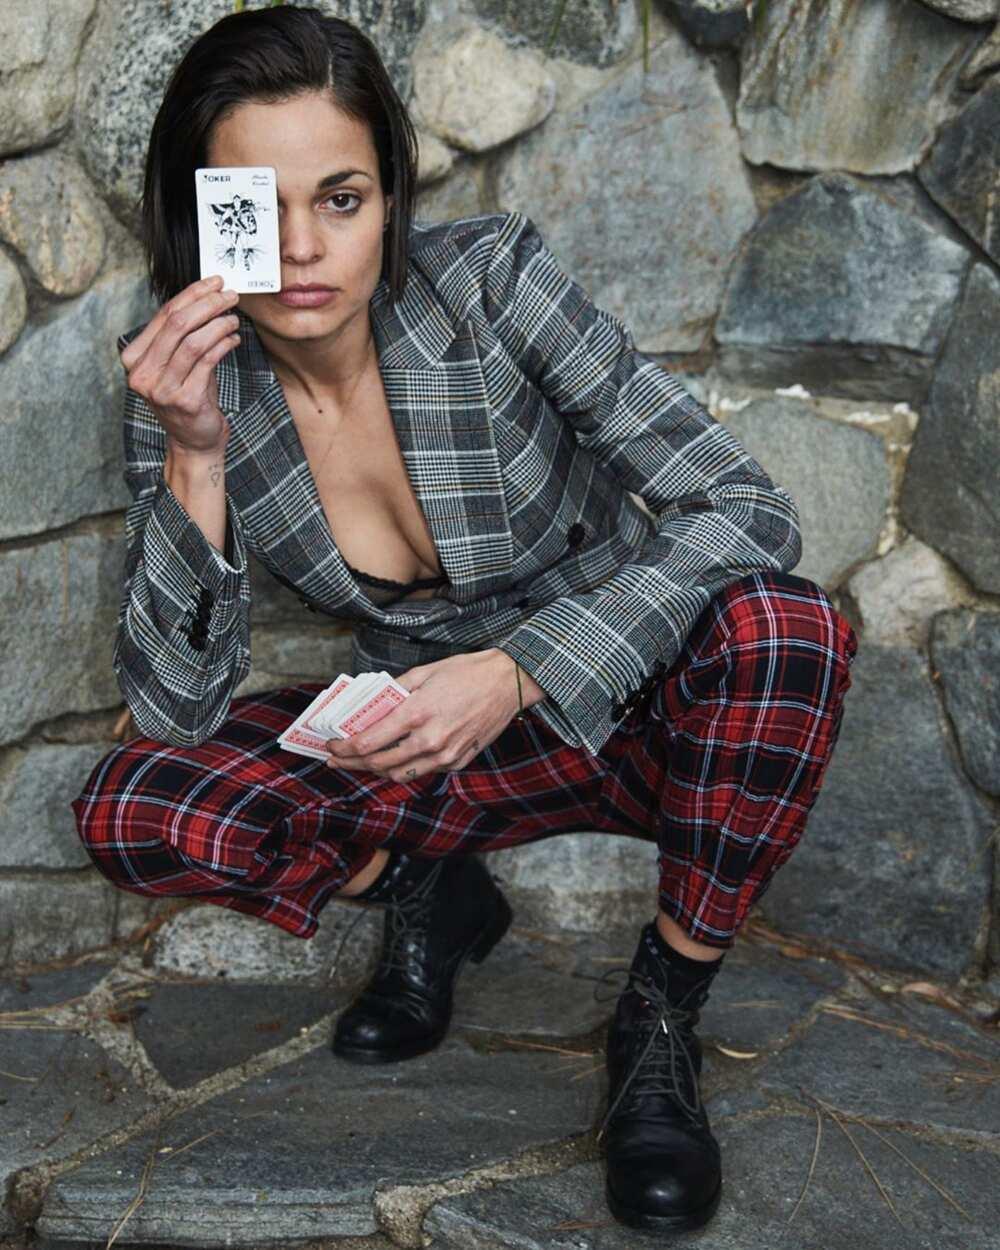 Lina Esco gay